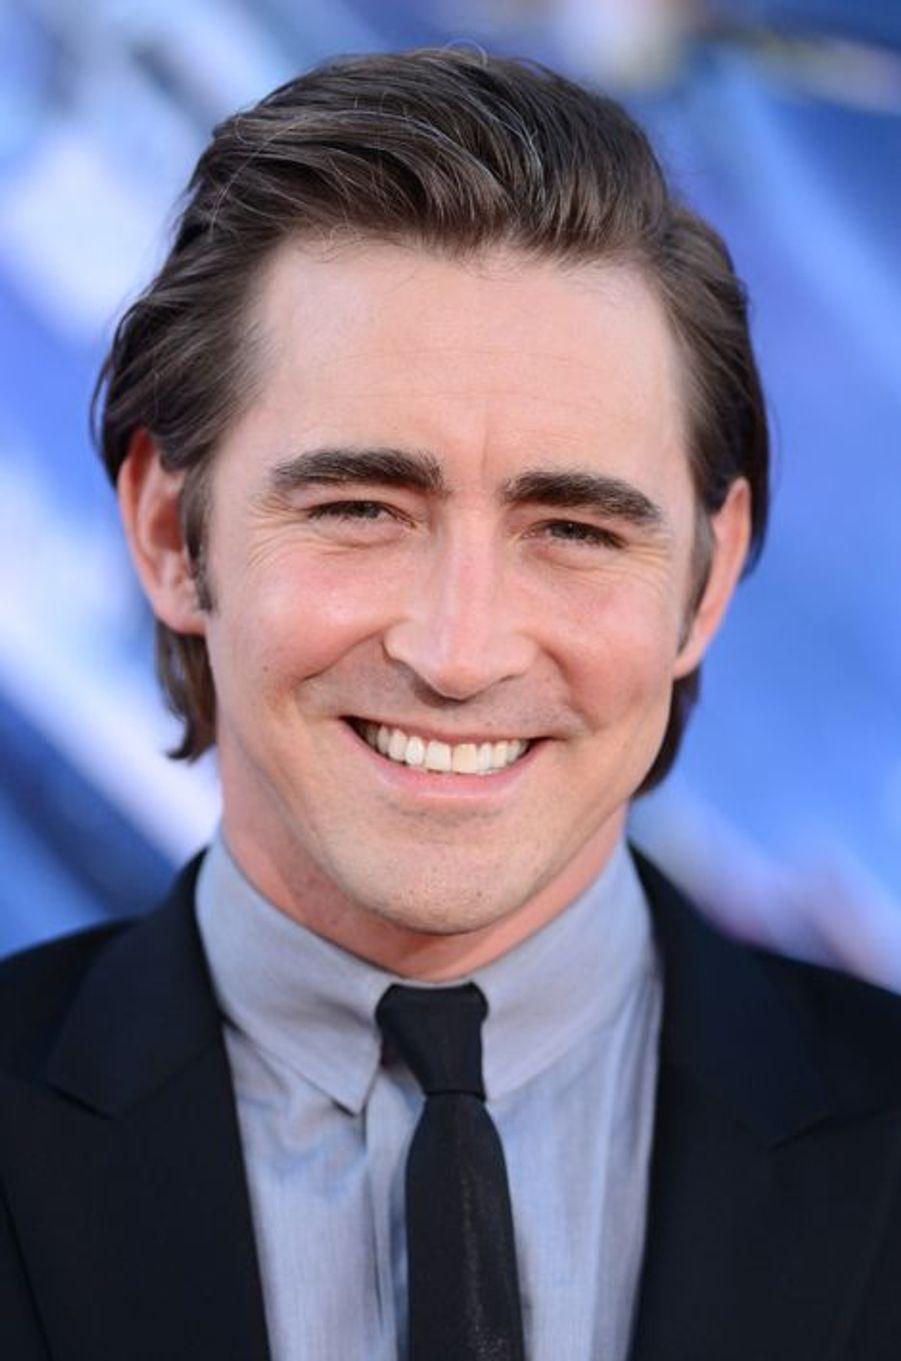 Lee Pace au théâtre Dolby à Hollywood, aux Etats-Unis le 22 juillet 2014.